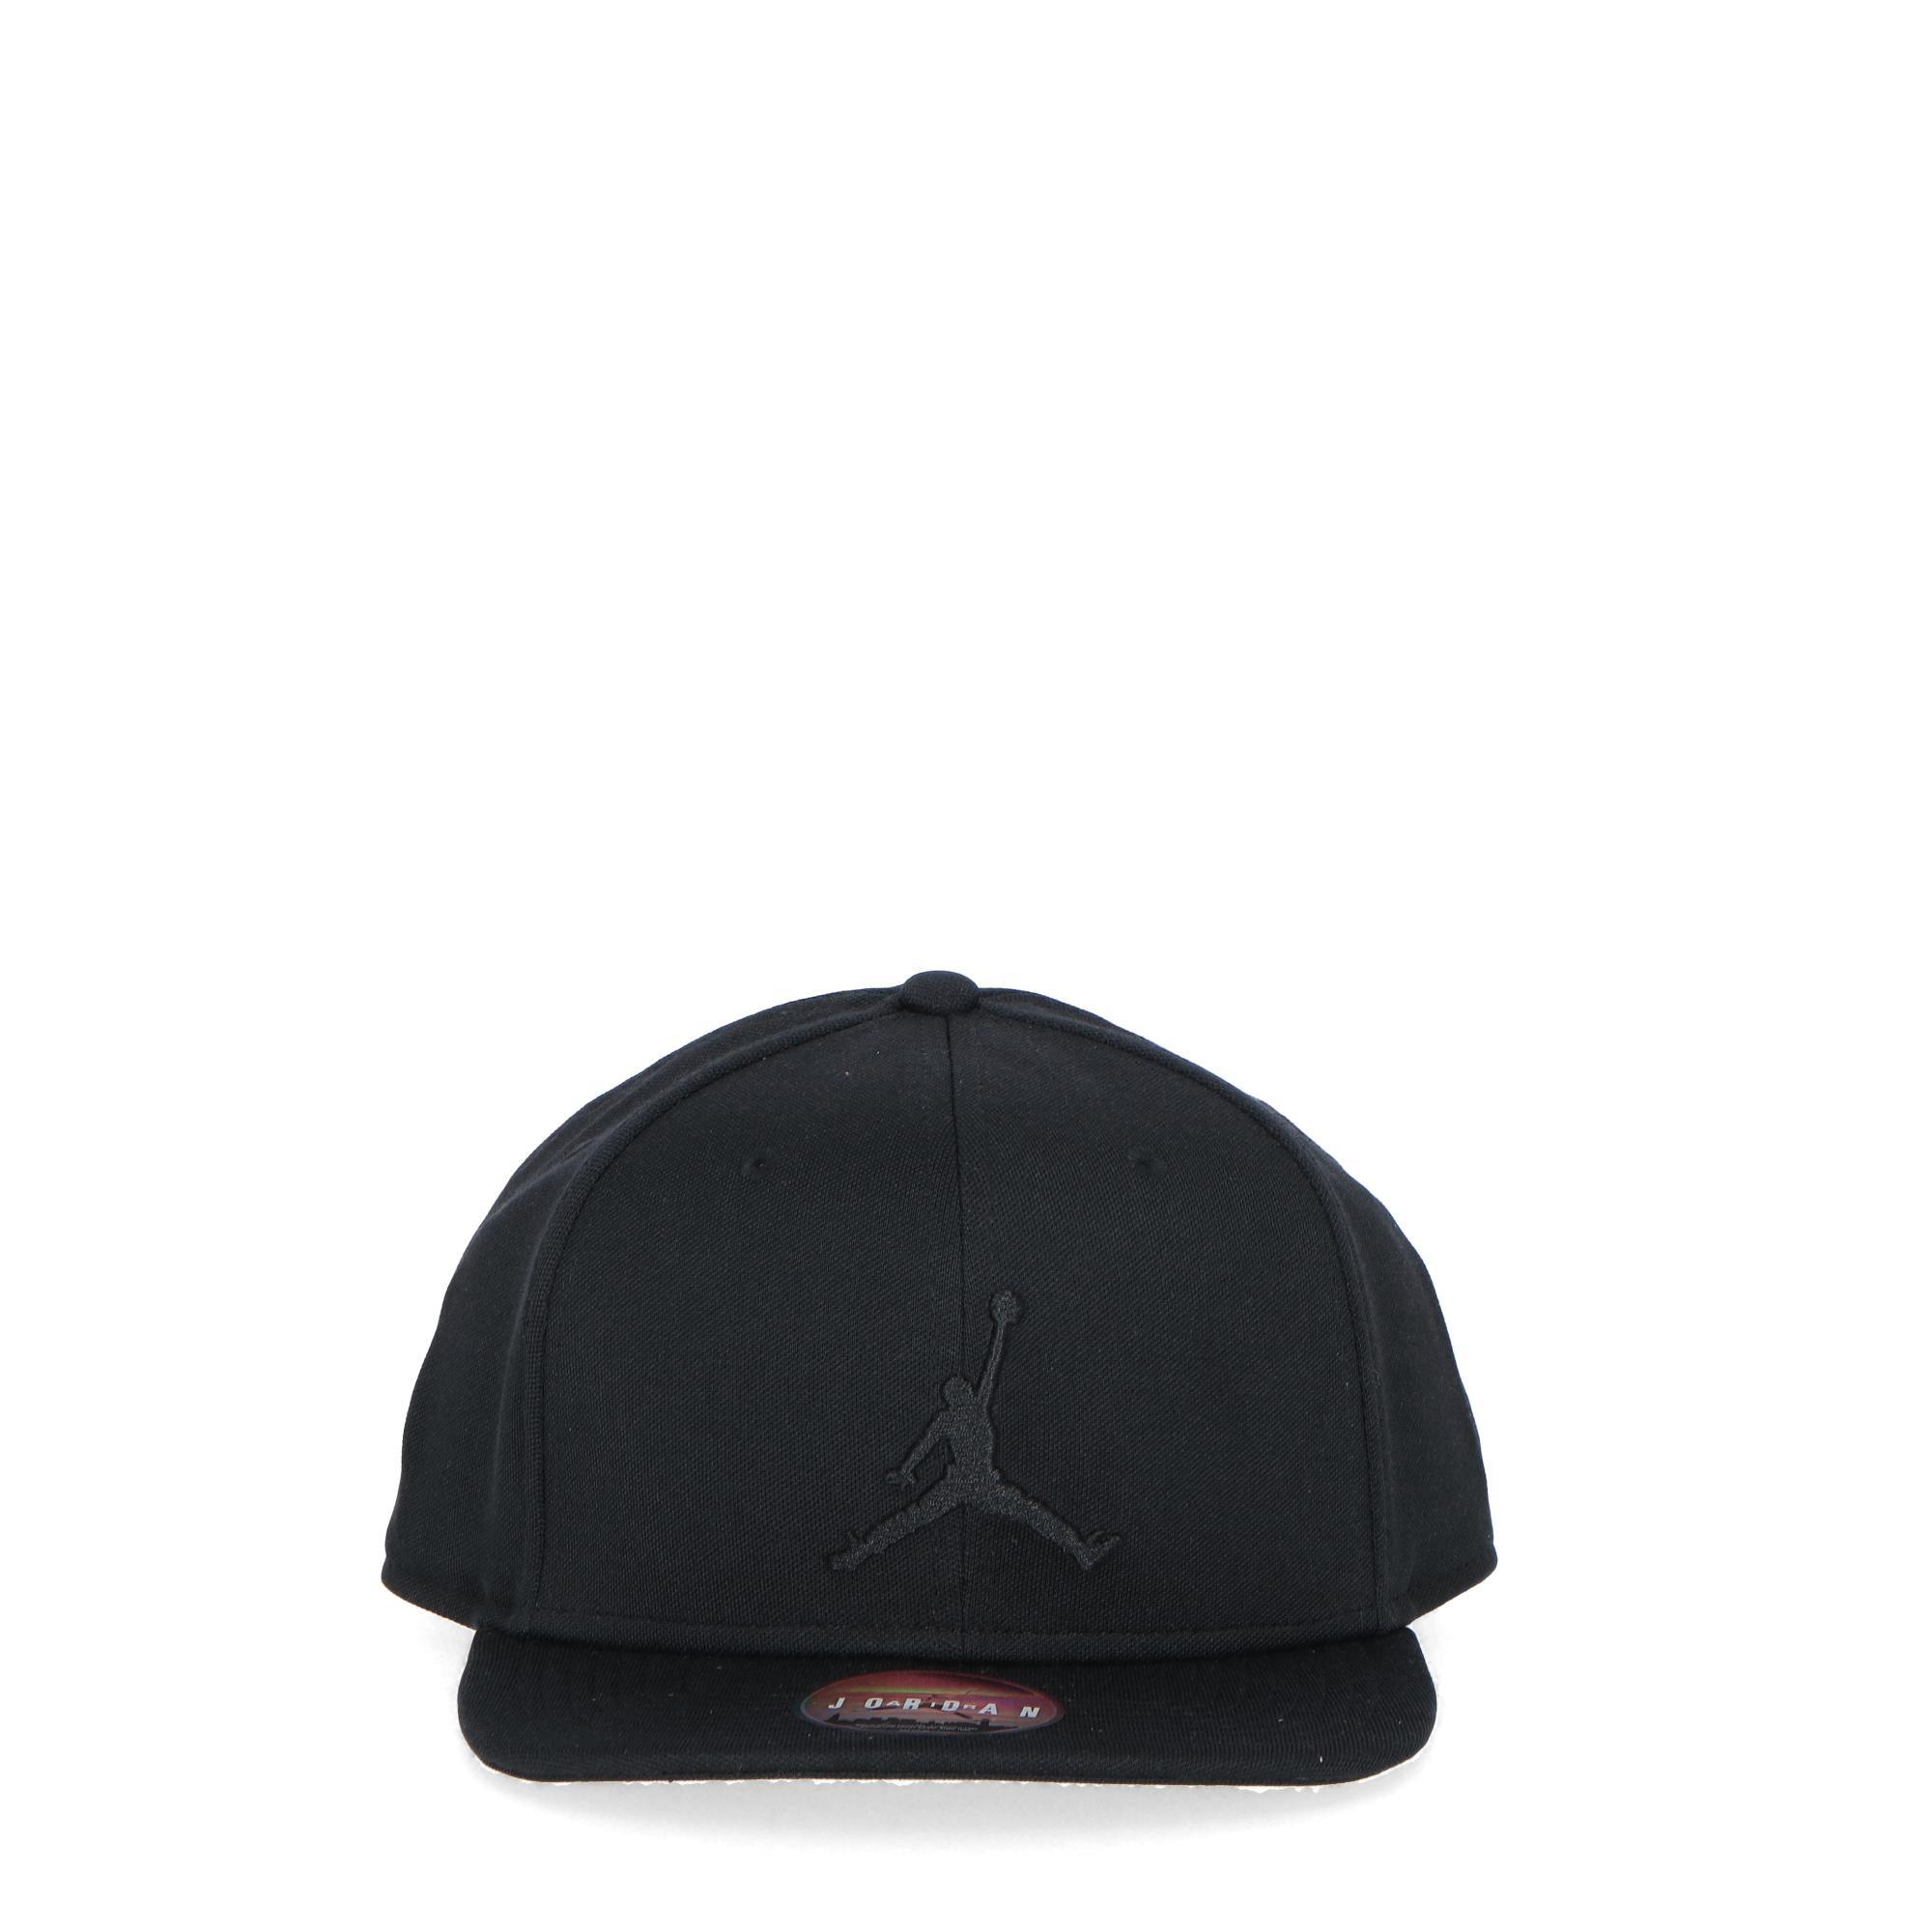 Nike Jordan Jumpman Snapback Black Black  f5a8662d1bf